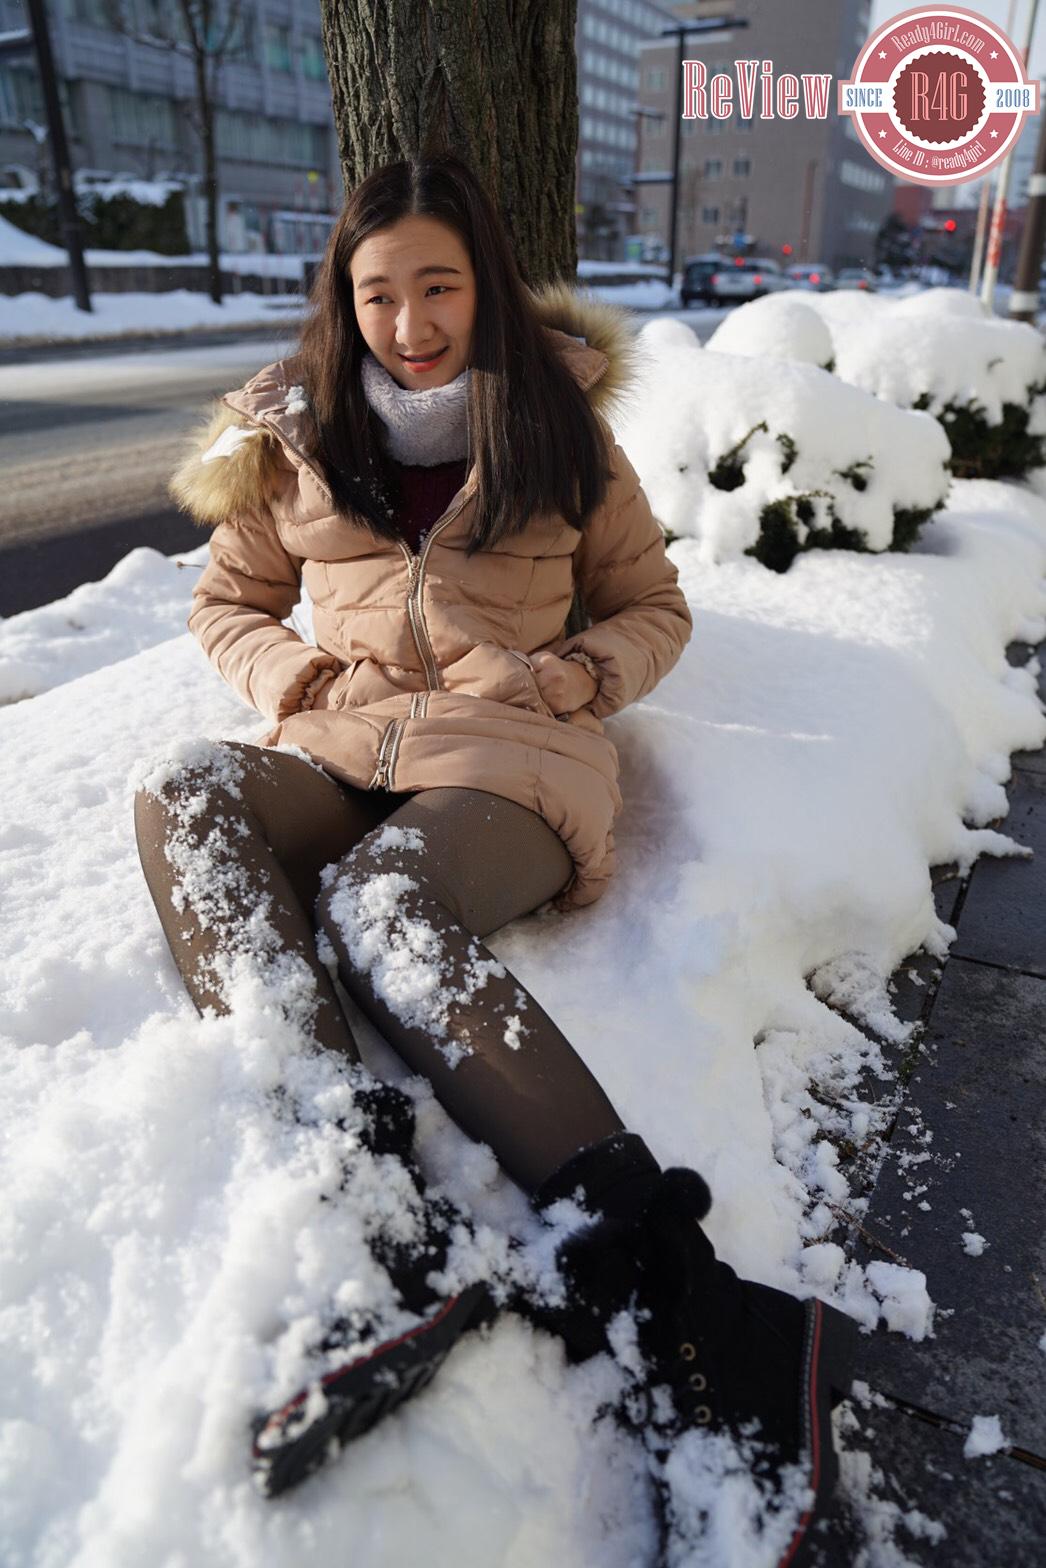 รองเท้าบูทหนังหุ้มข้อแต่งเฟอร์ บุขนกันหนาวติดลบลุยหิมะได้